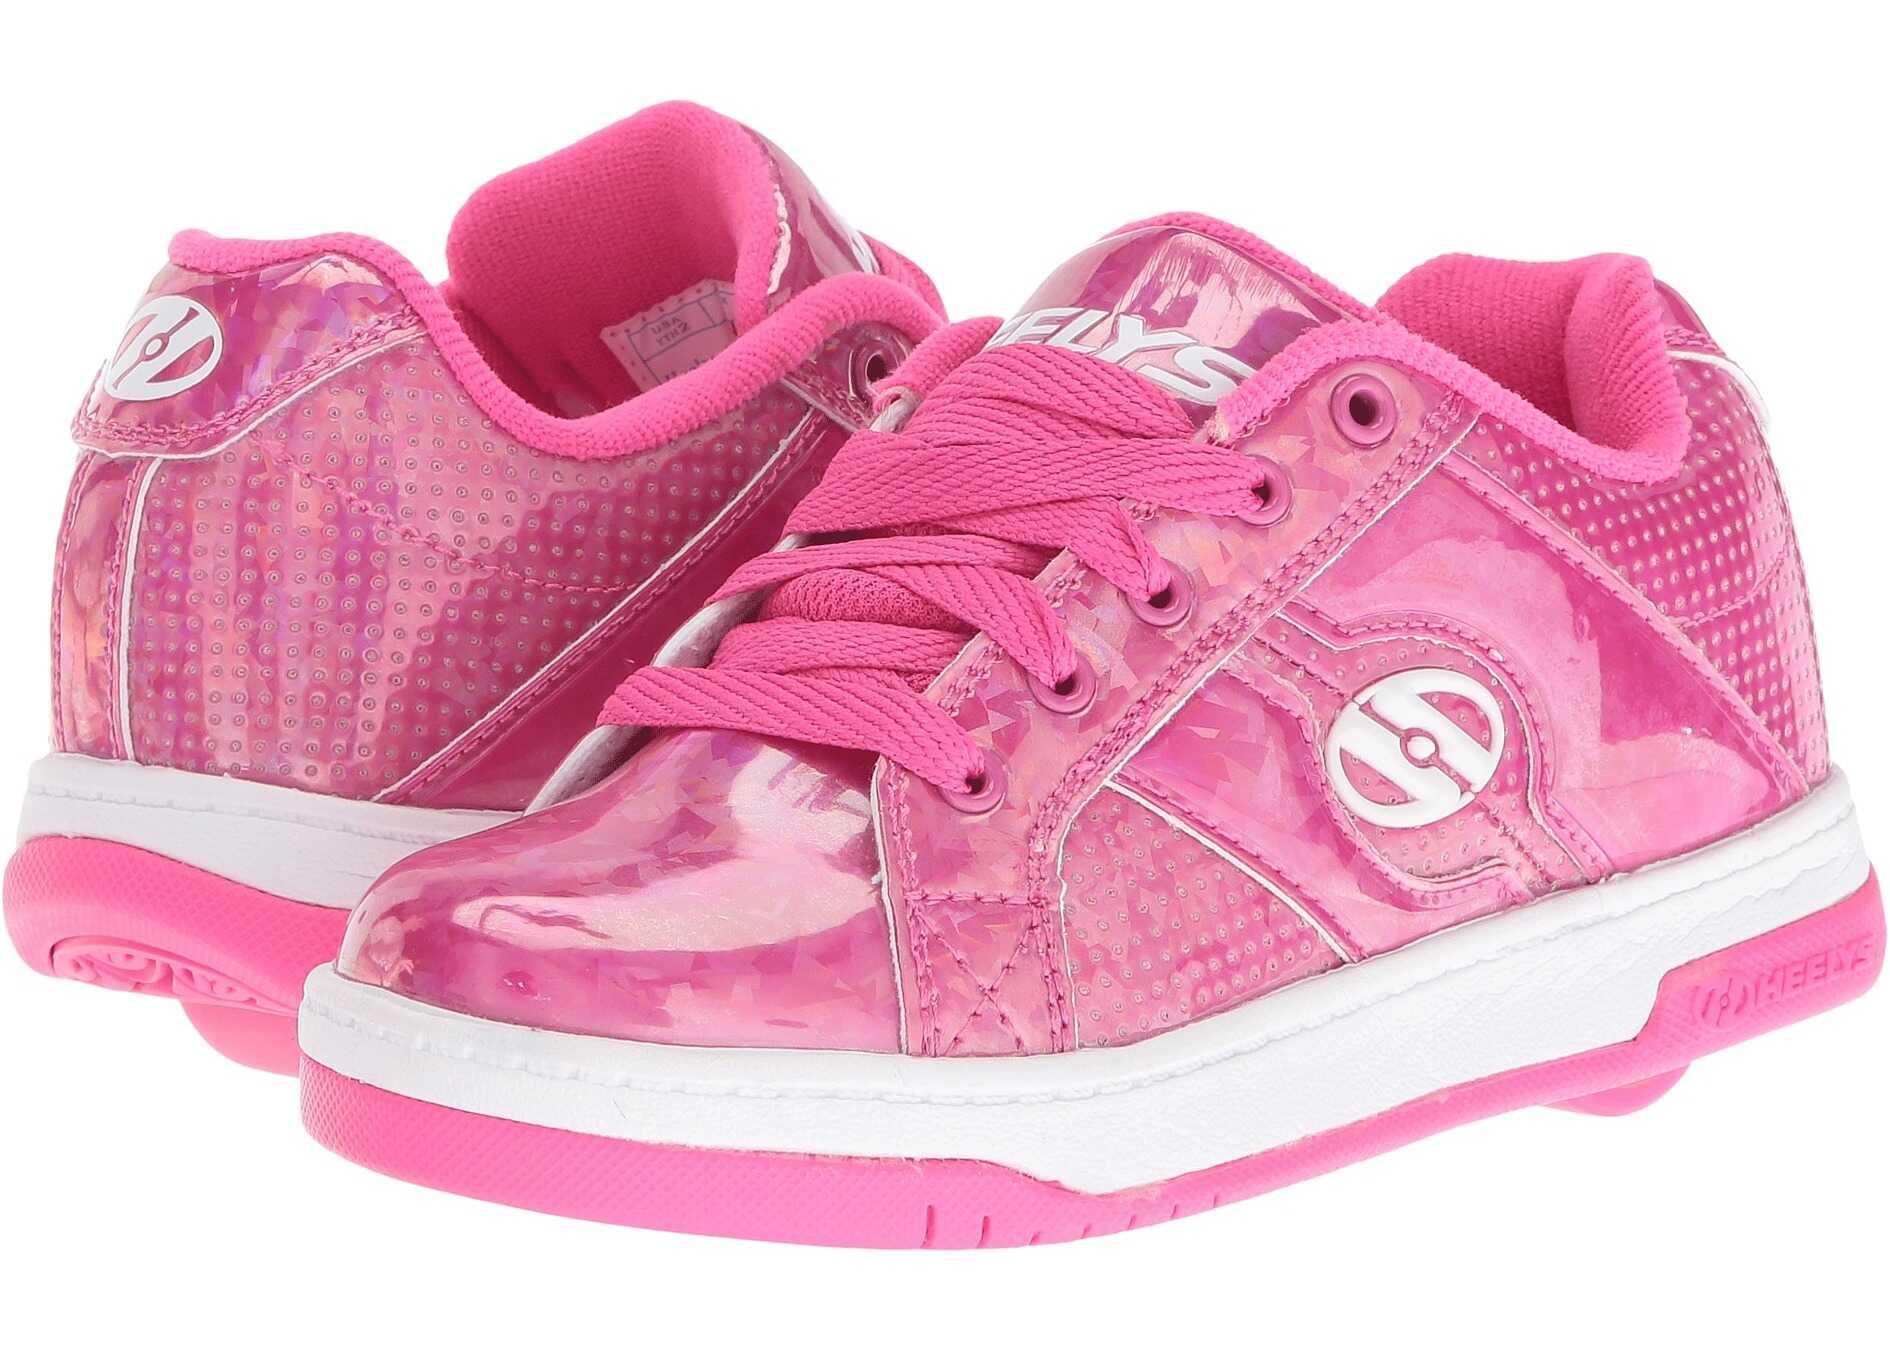 Heelys Split (Little Kid/Big Kid/Adult) Pink/Hologram